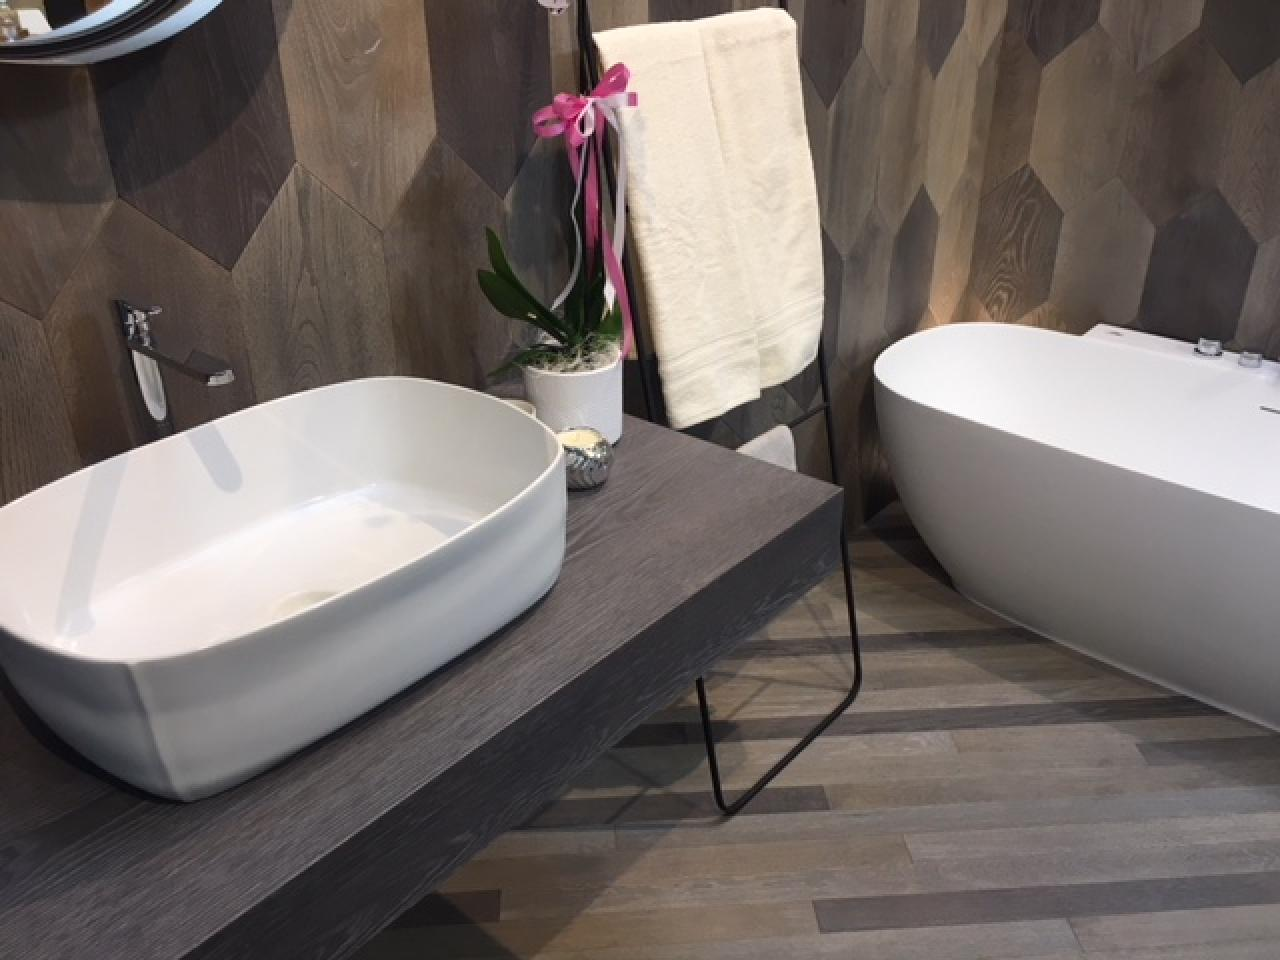 Pavimento in legno nel bagno: si può? fratelli pellizzari